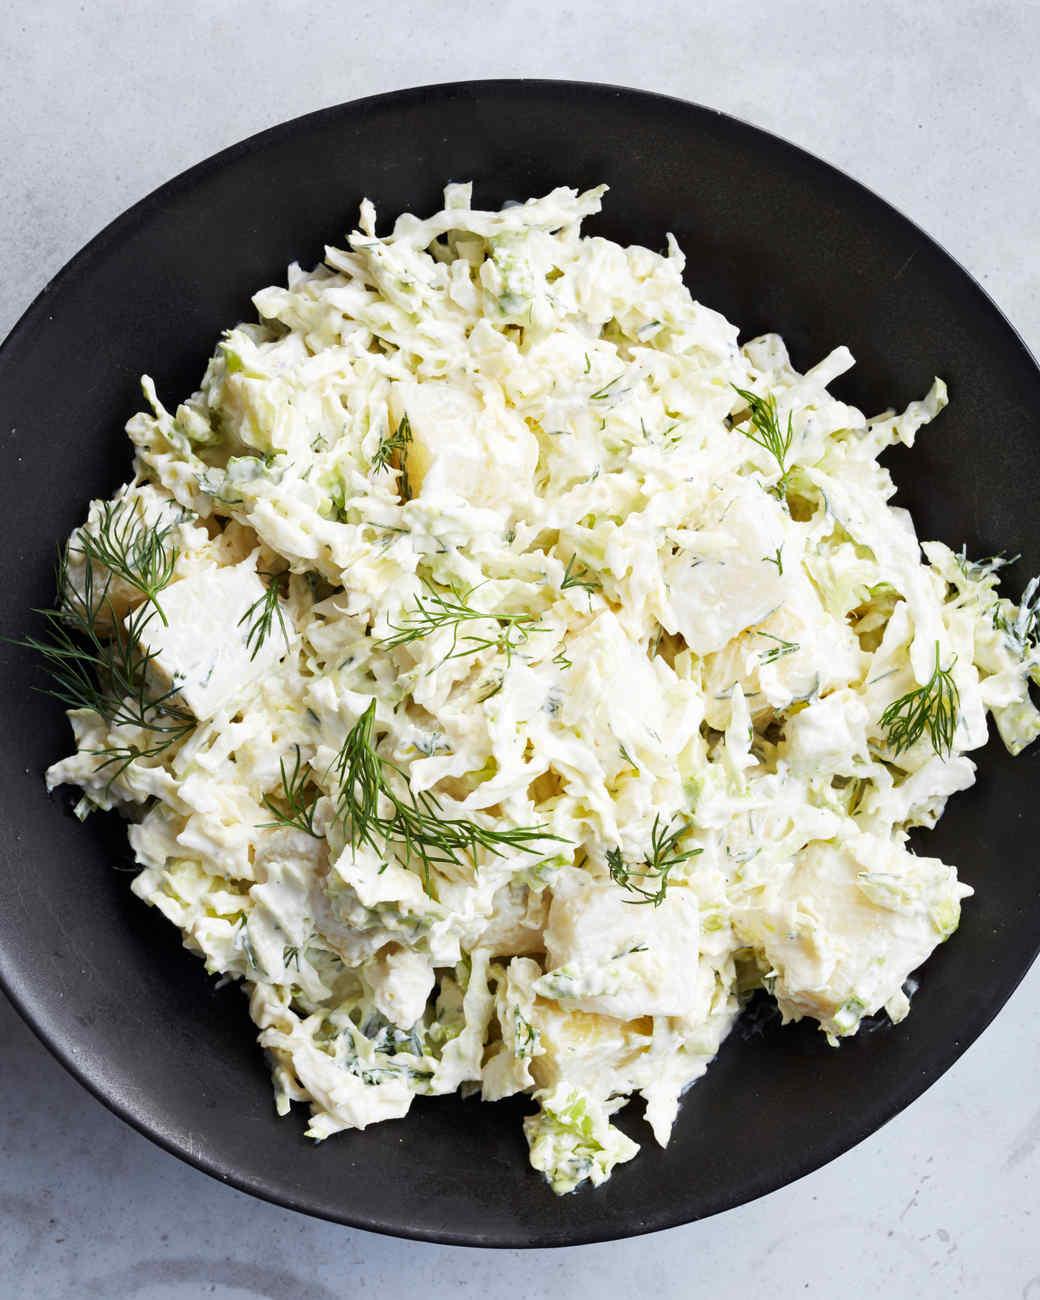 salad-potato-0480-d111106-0614.jpg